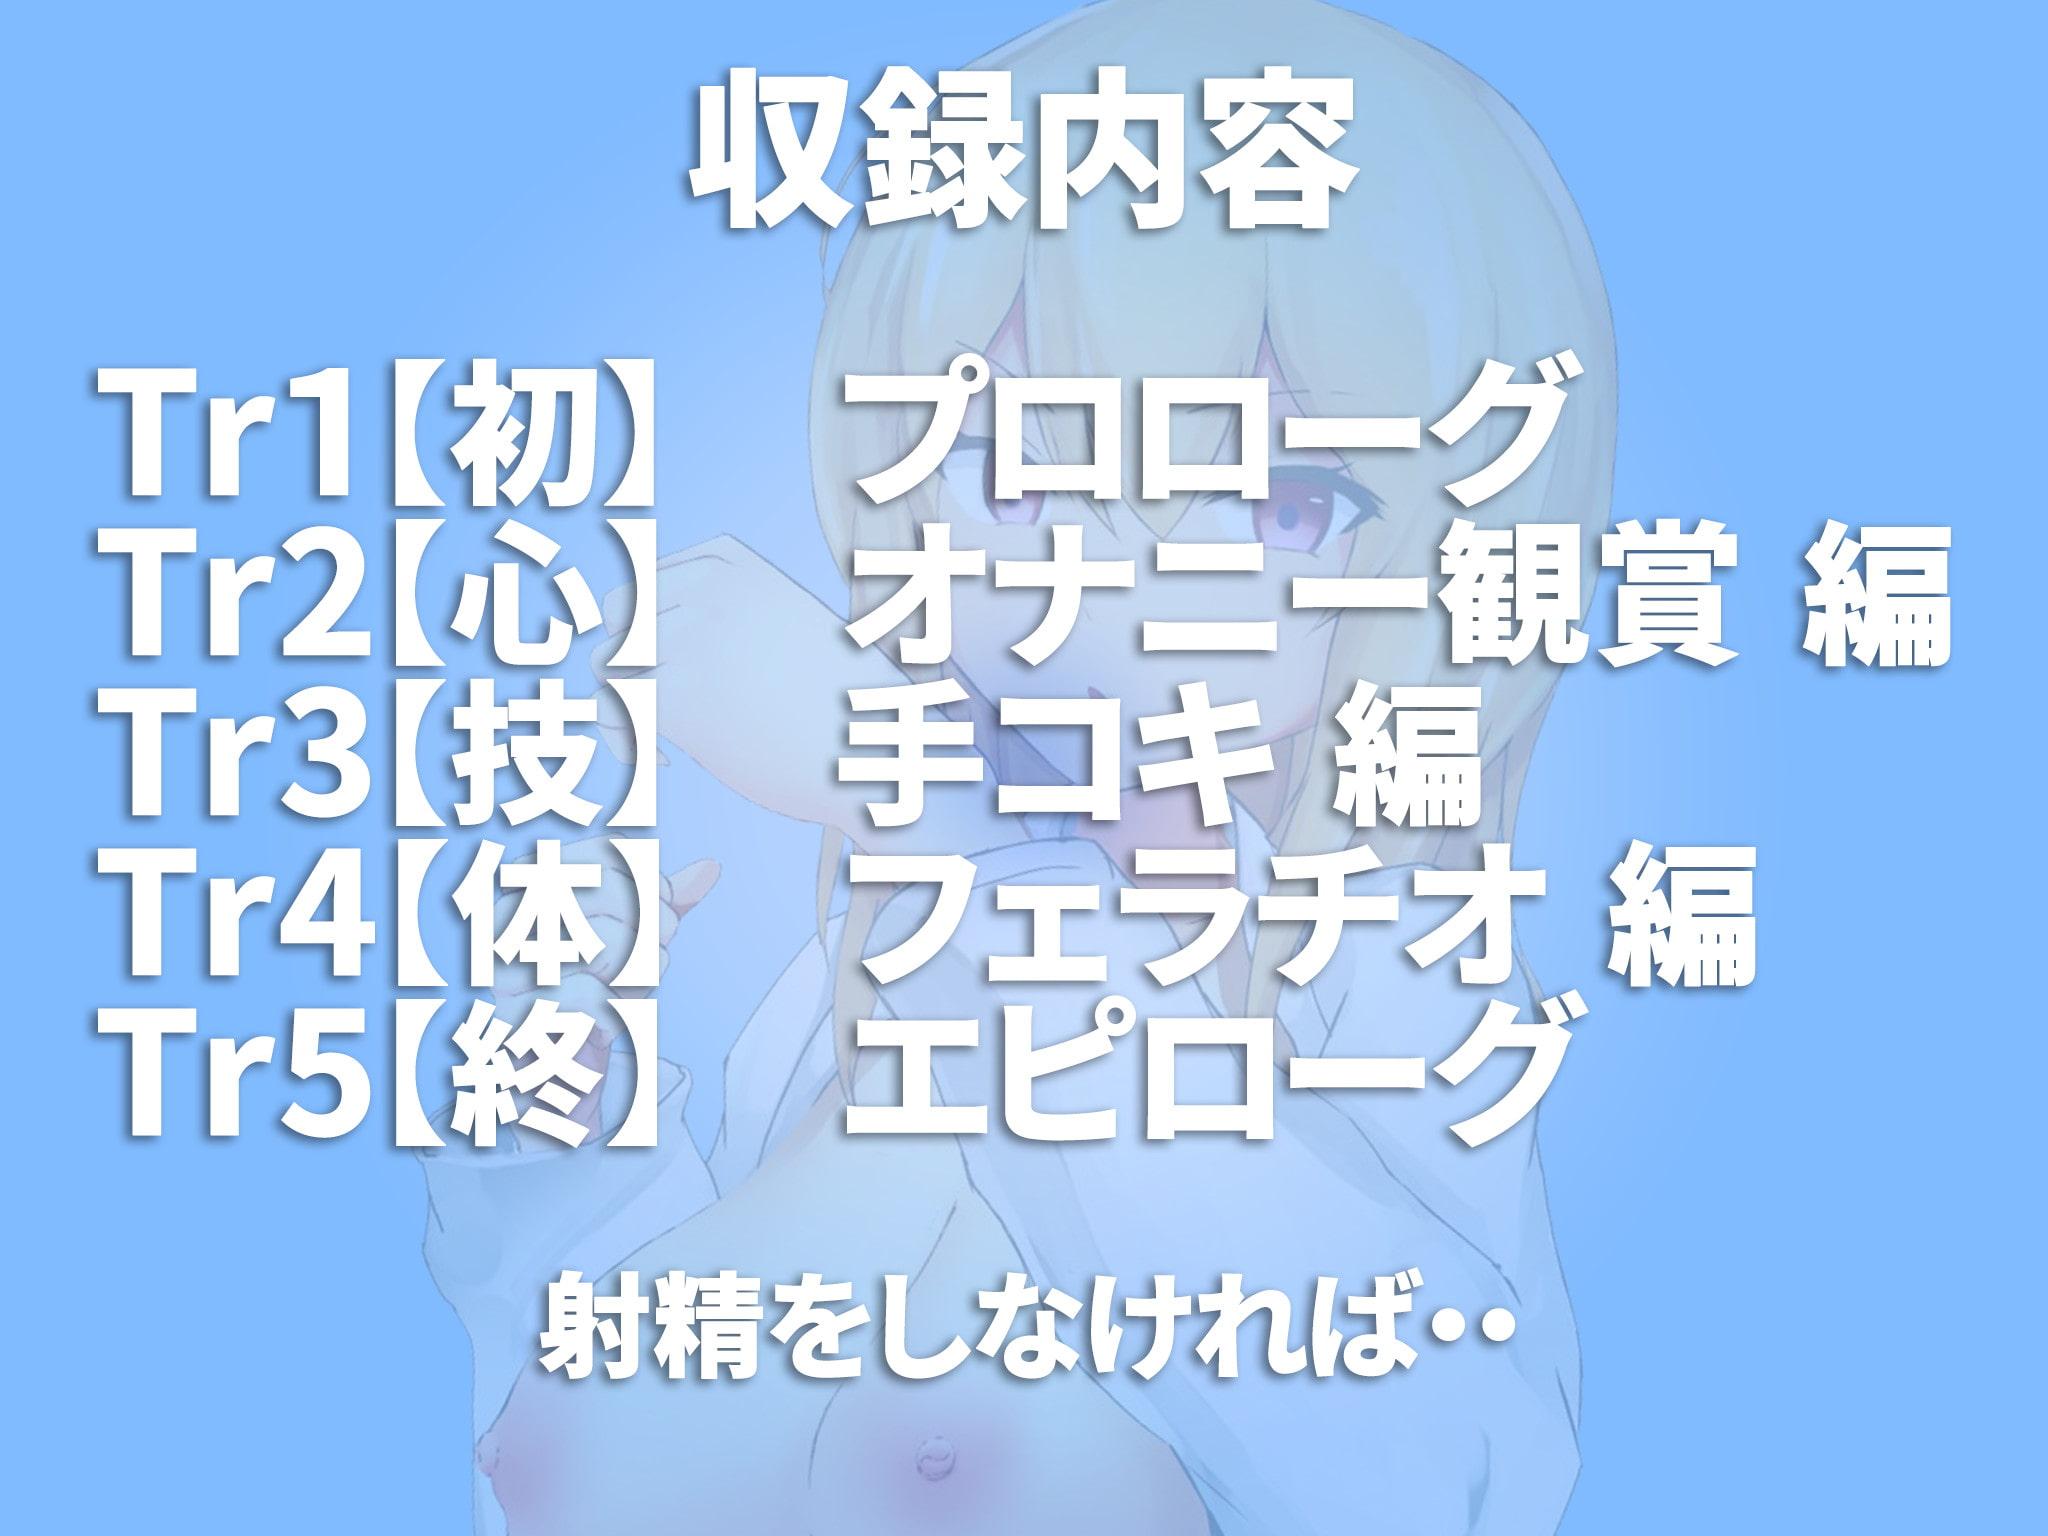 凸撃!噂のオナサポ道場 白帯処女編 [ABCs]